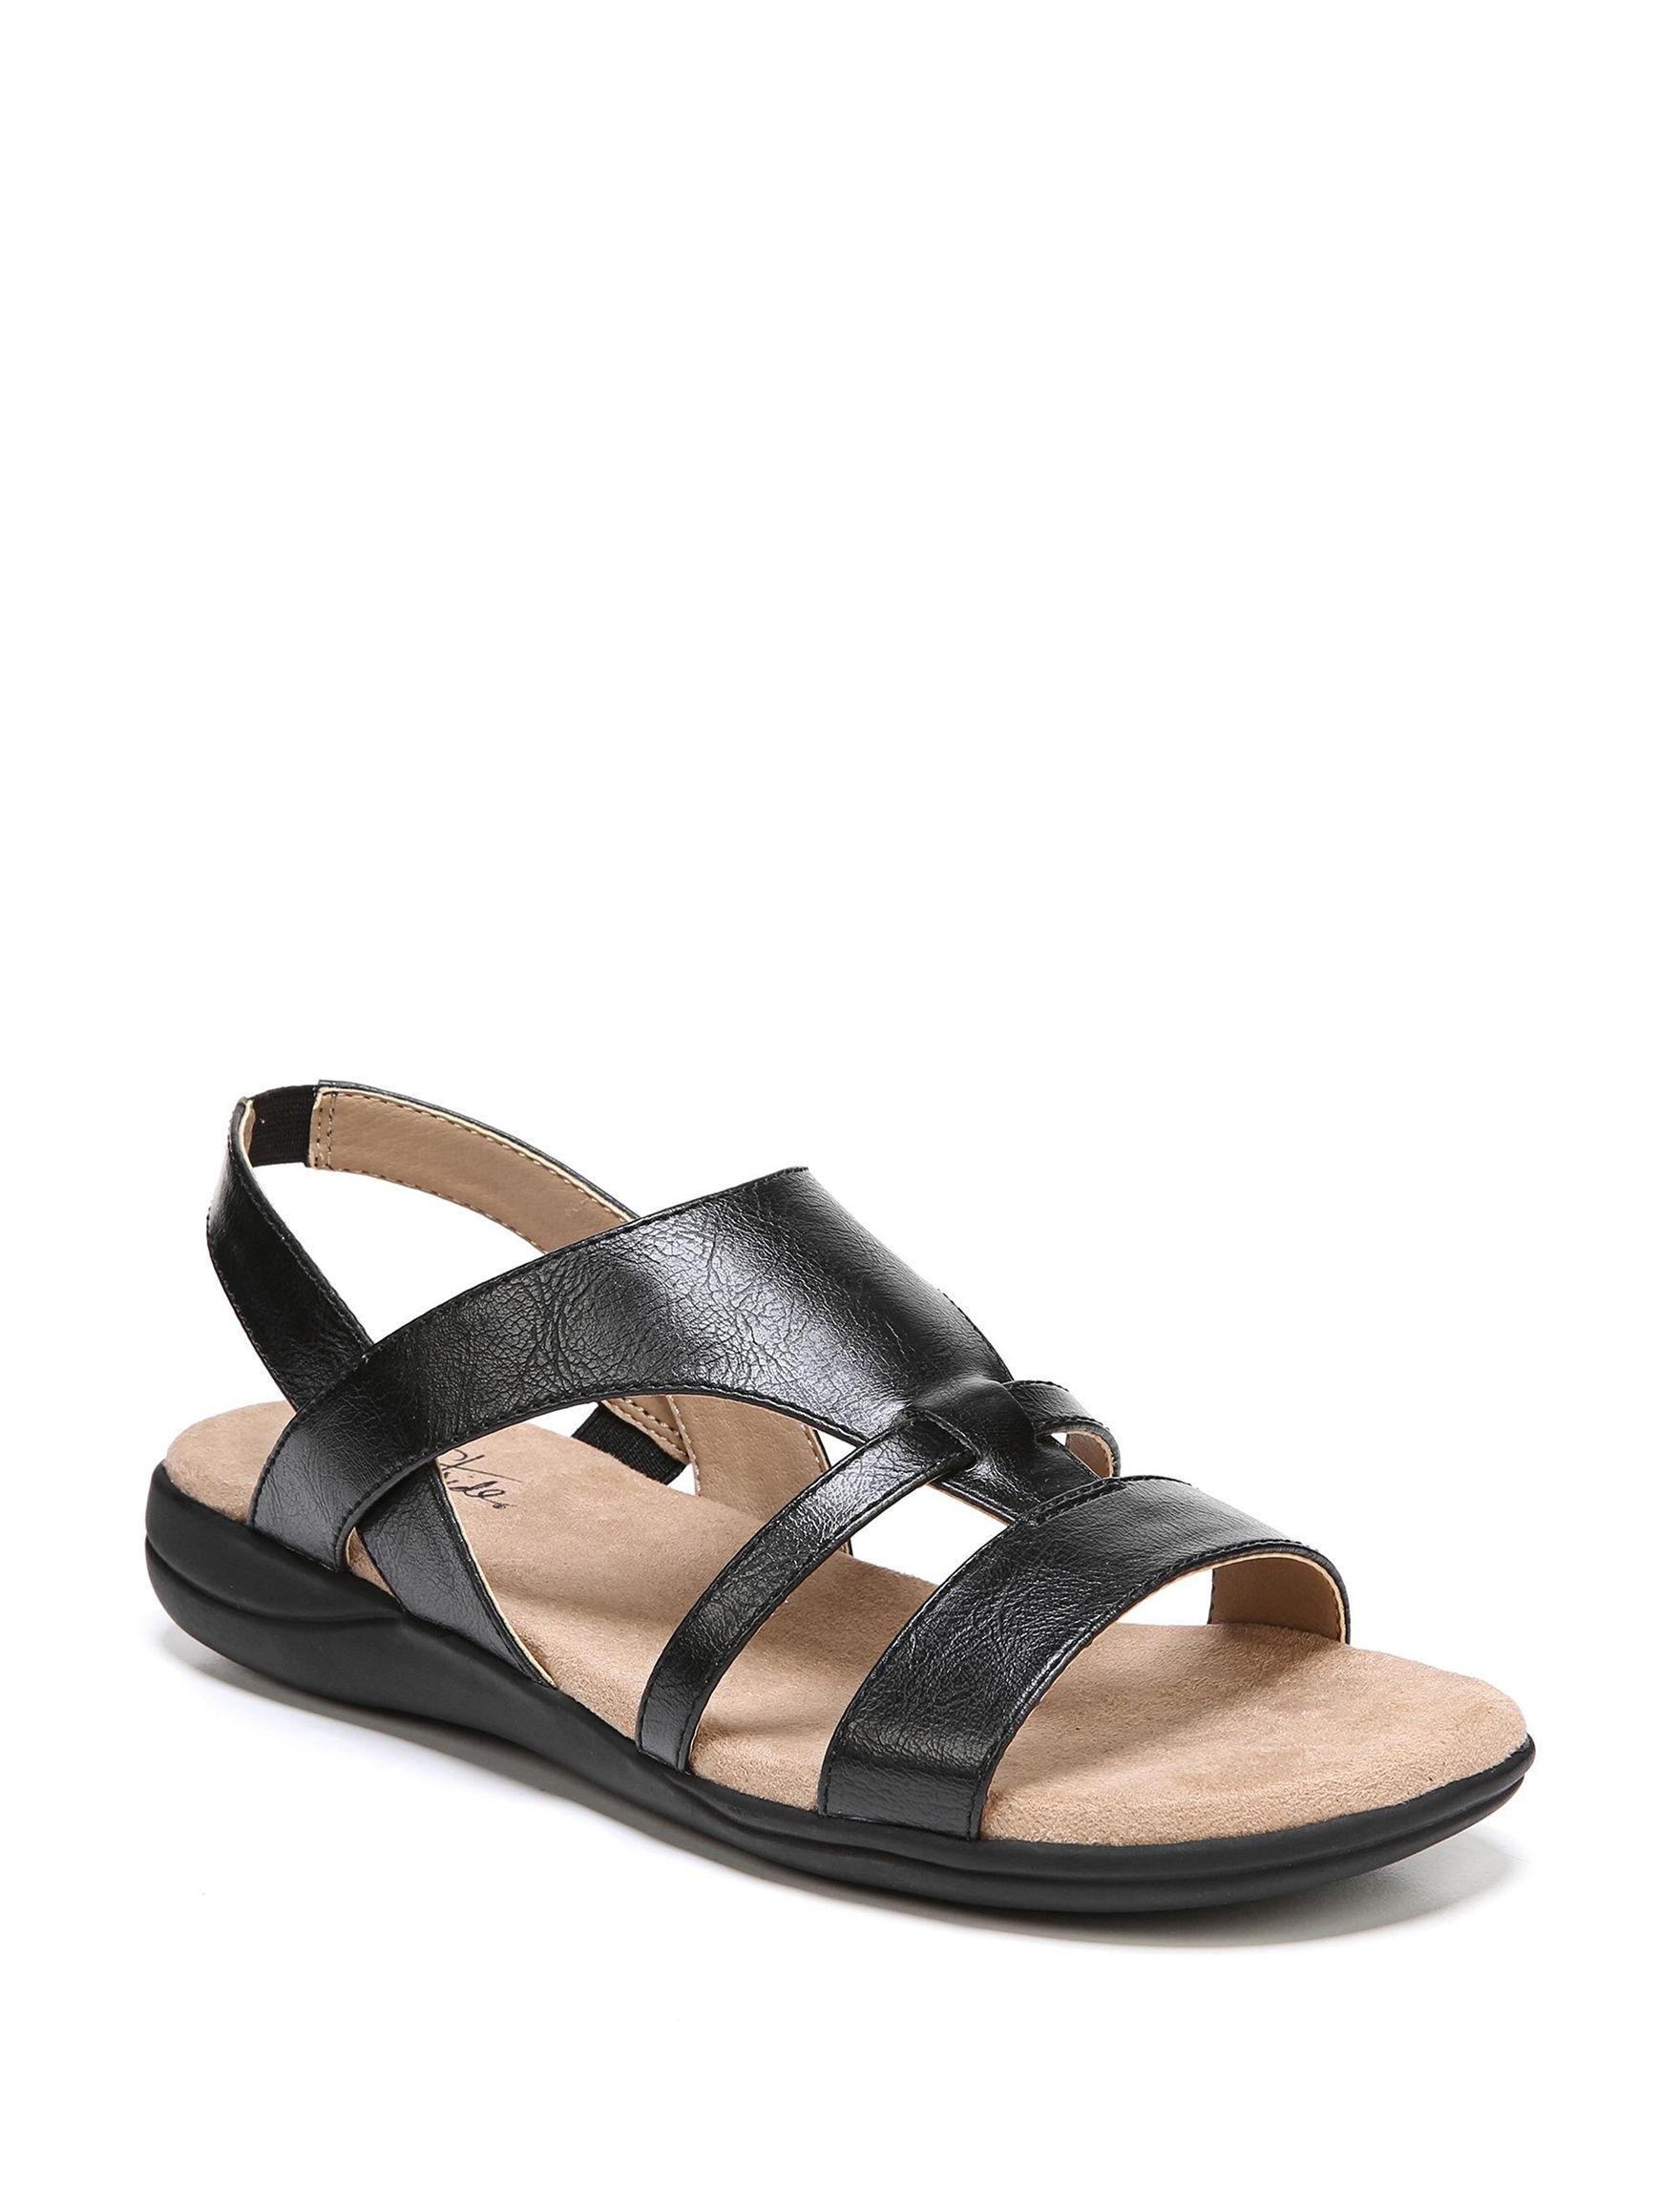 Lifestride Black Flat Sandals Footbed Comfort